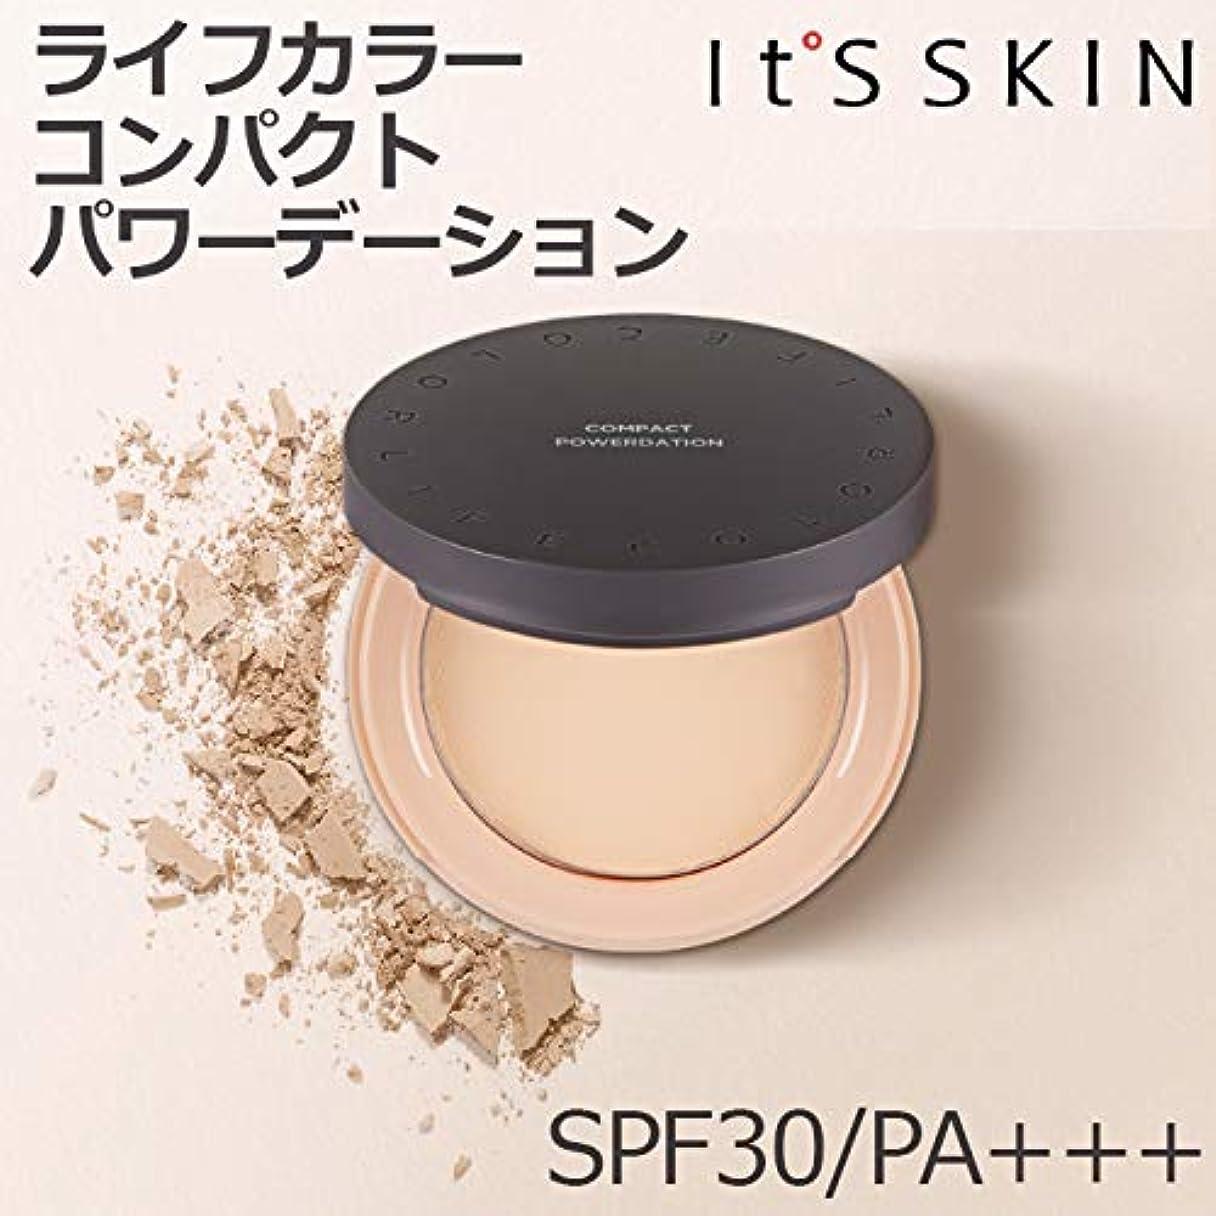 一月同僚流用するIts skin イッツスキン ライフ カラー コンパクト パワー デーション 13g (2カラー 選択1) 23号 メディウム,パウダー